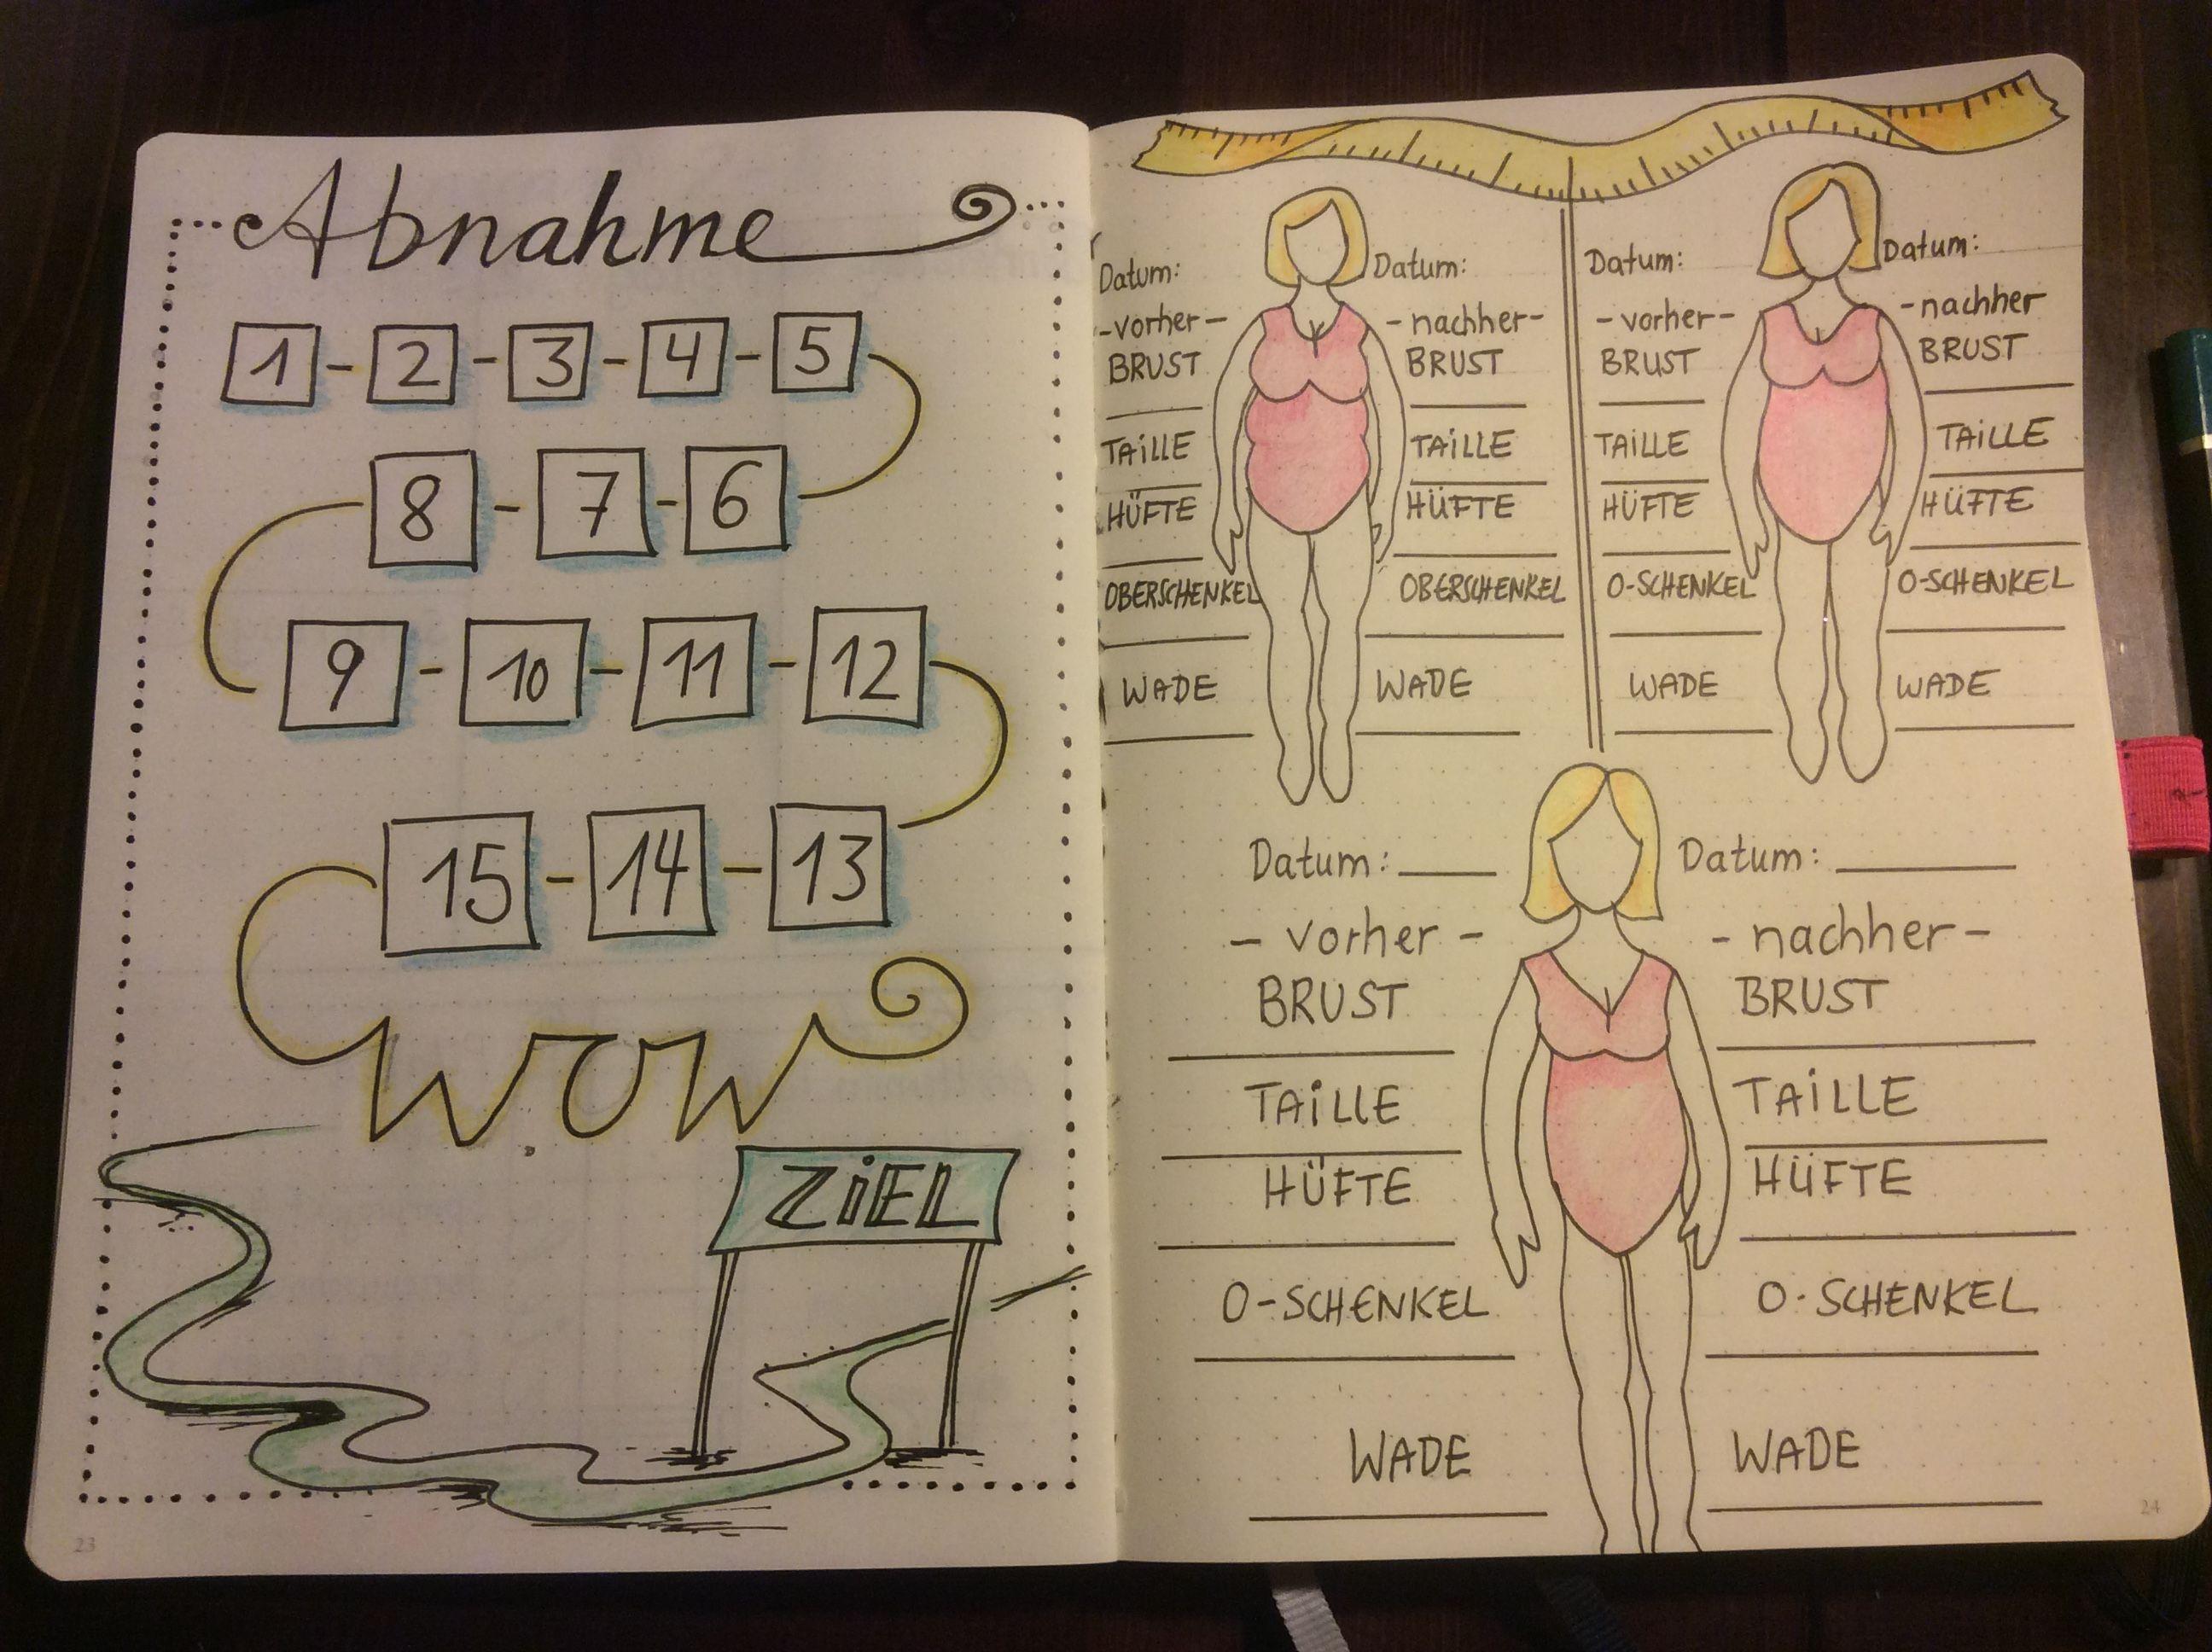 9 Ww Rezepte Ideen Wochenplan Vorlage Planer 11